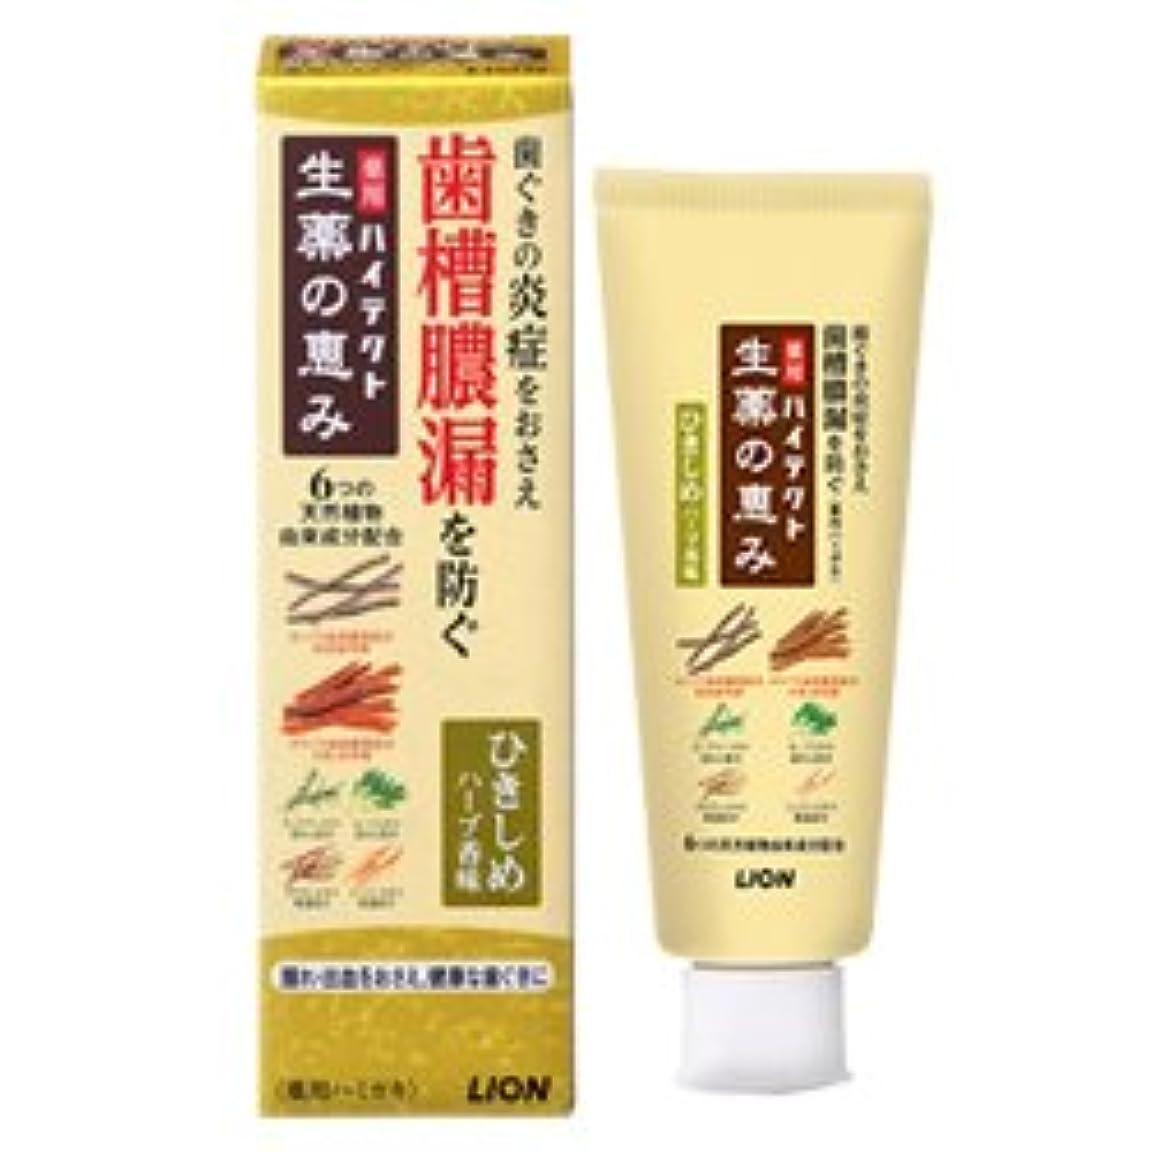 欠陥作成する昇進【ライオン】ハイテクト 生薬の恵み ひきしめハーブ香味90g×5個セット